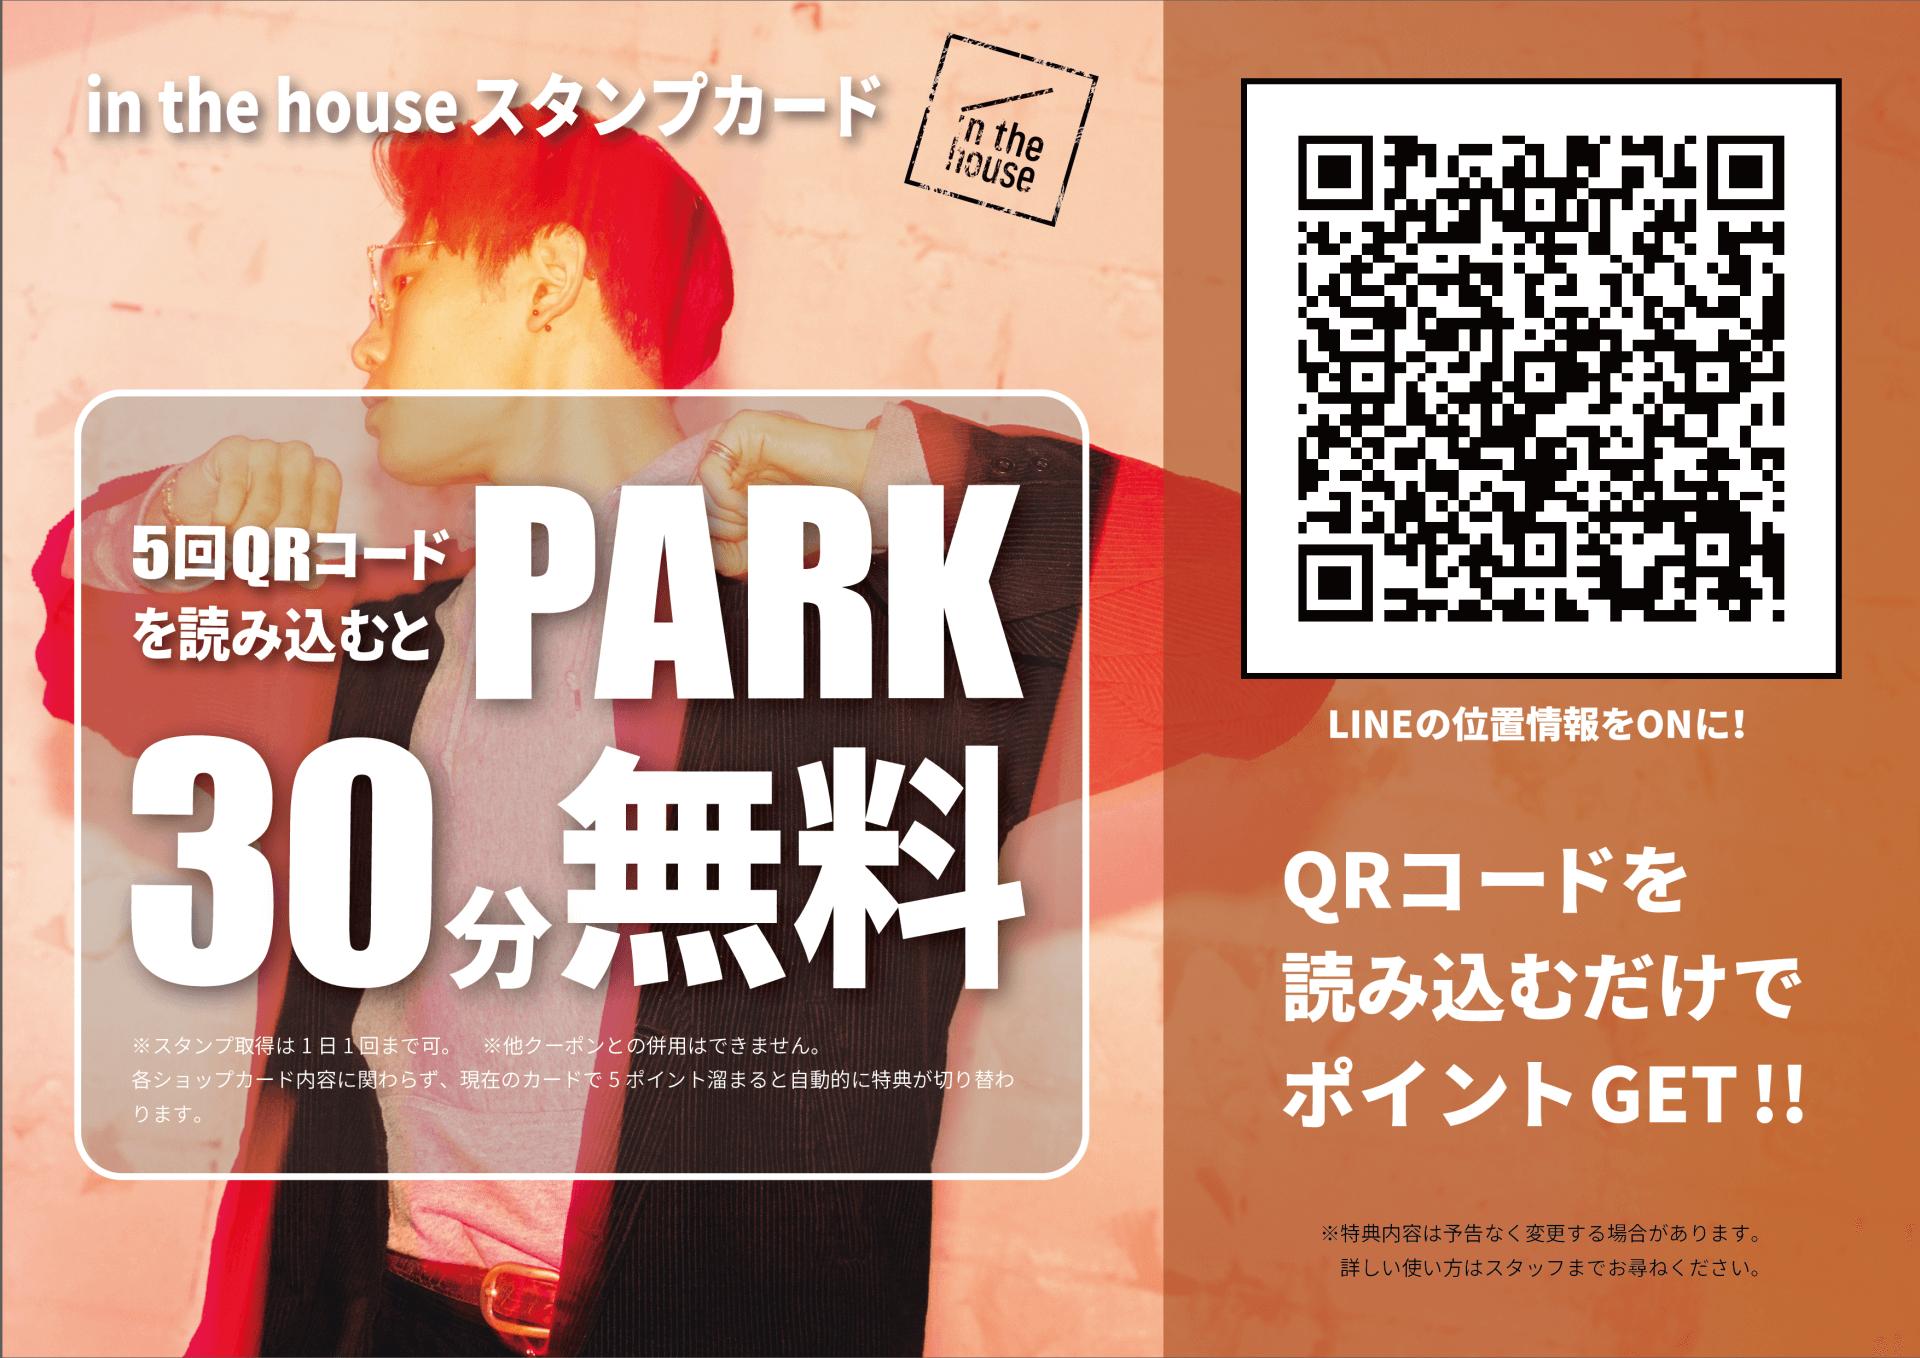 PARK 30分無料スタンプカード!